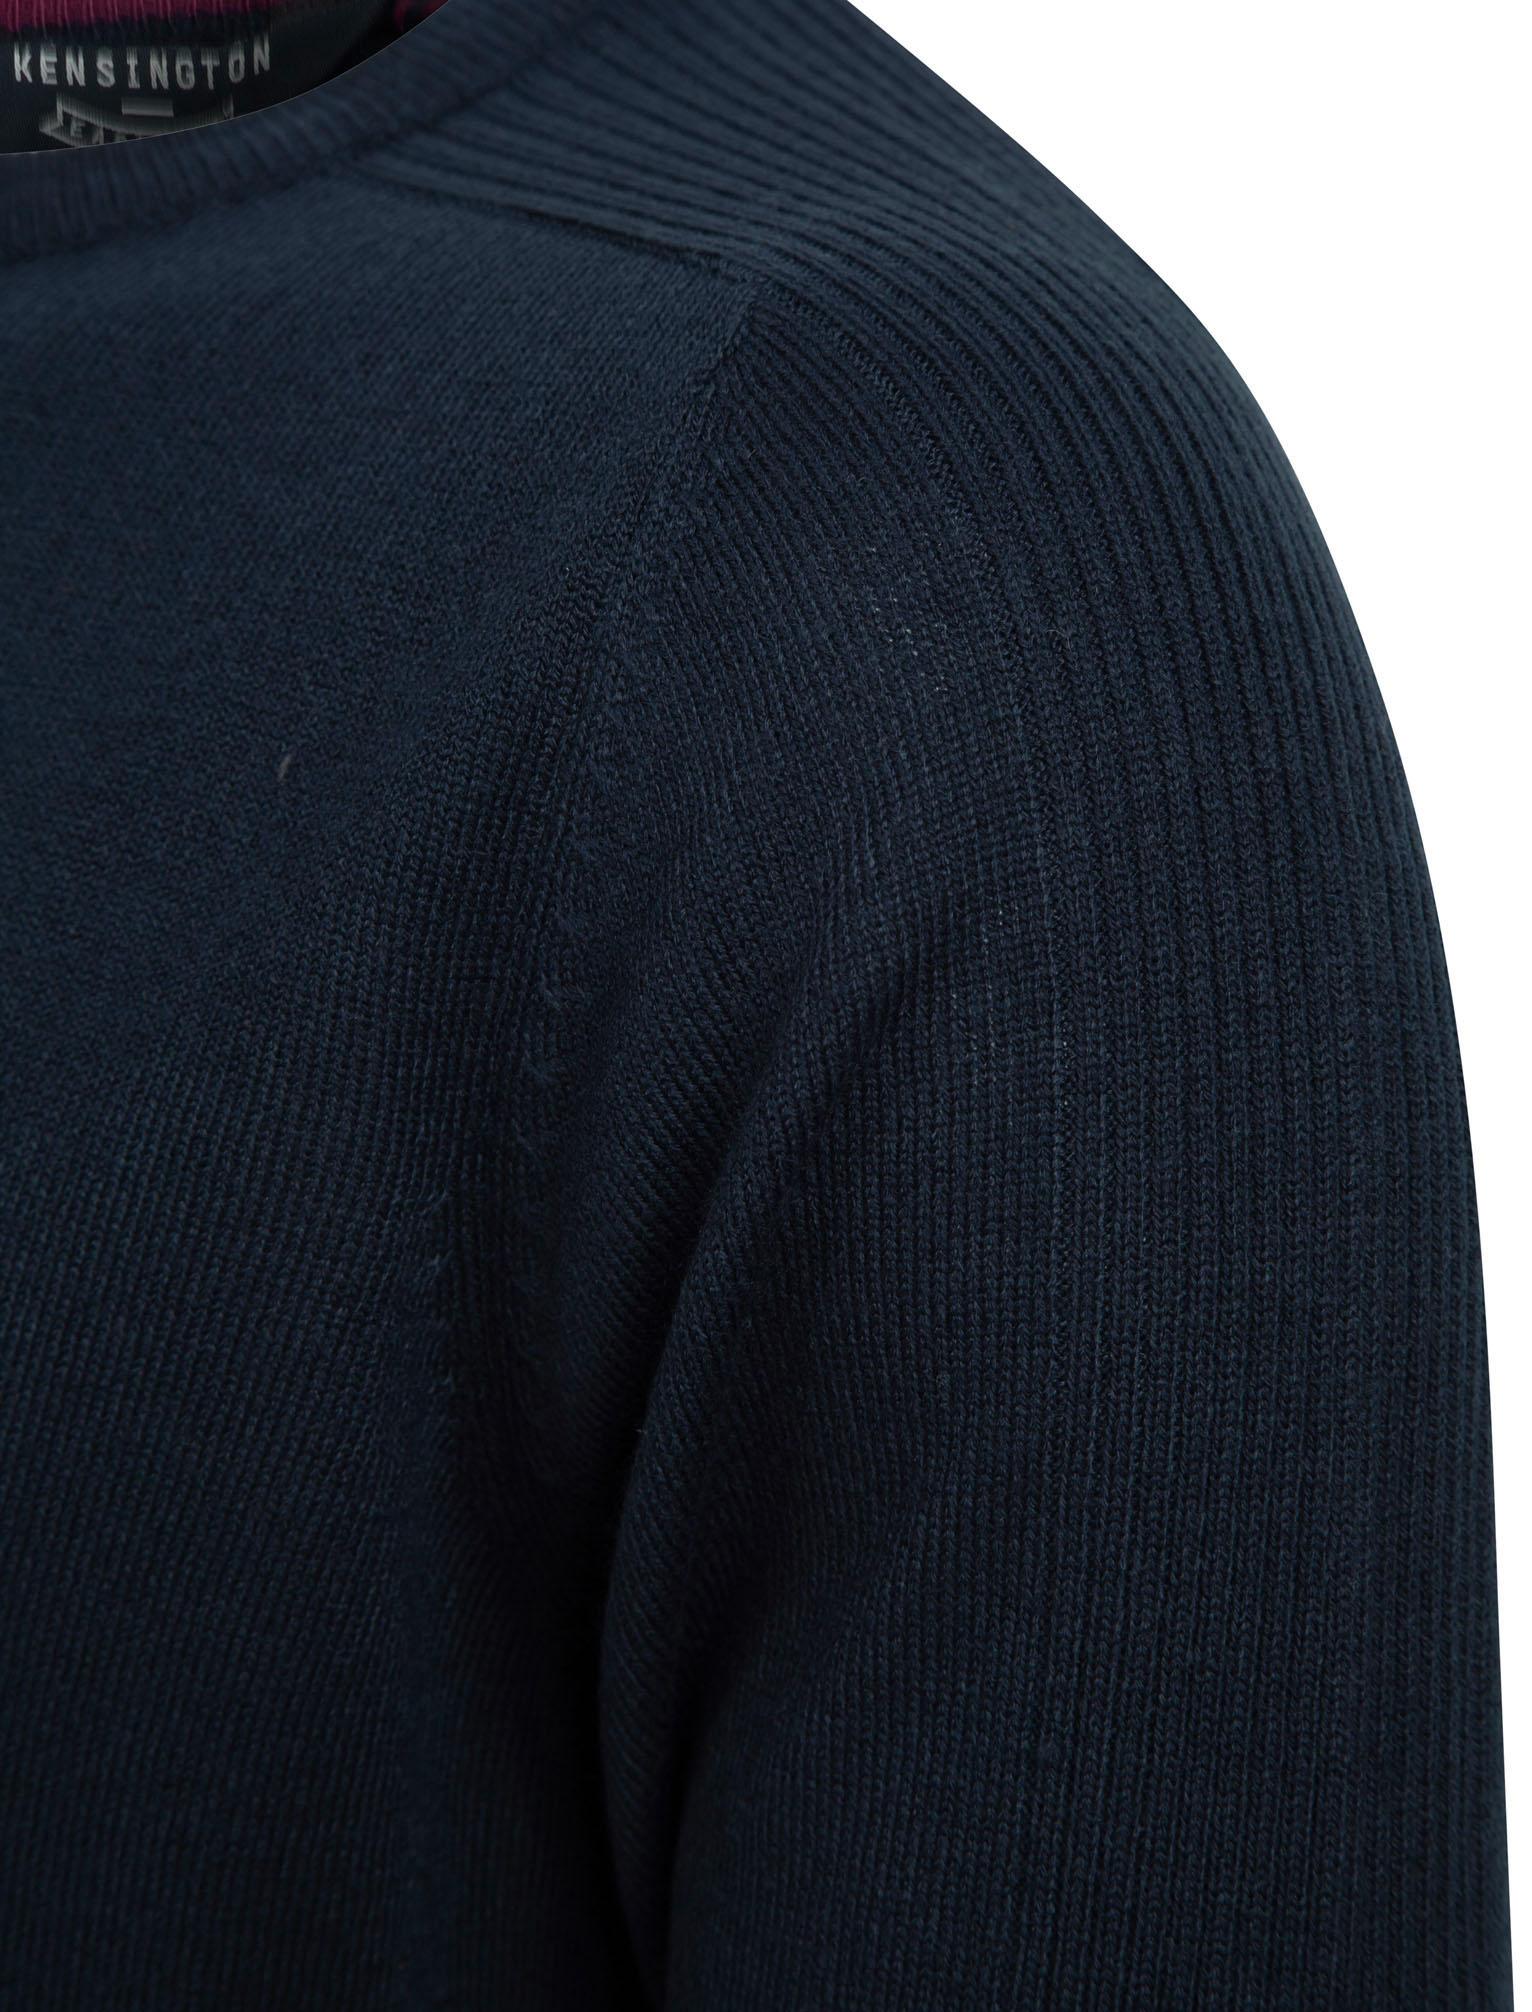 Kensington-Eastside-Men-039-s-Knitted-Crew-or-V-Neck-Jumper-Sweater-Top-Pullover thumbnail 72